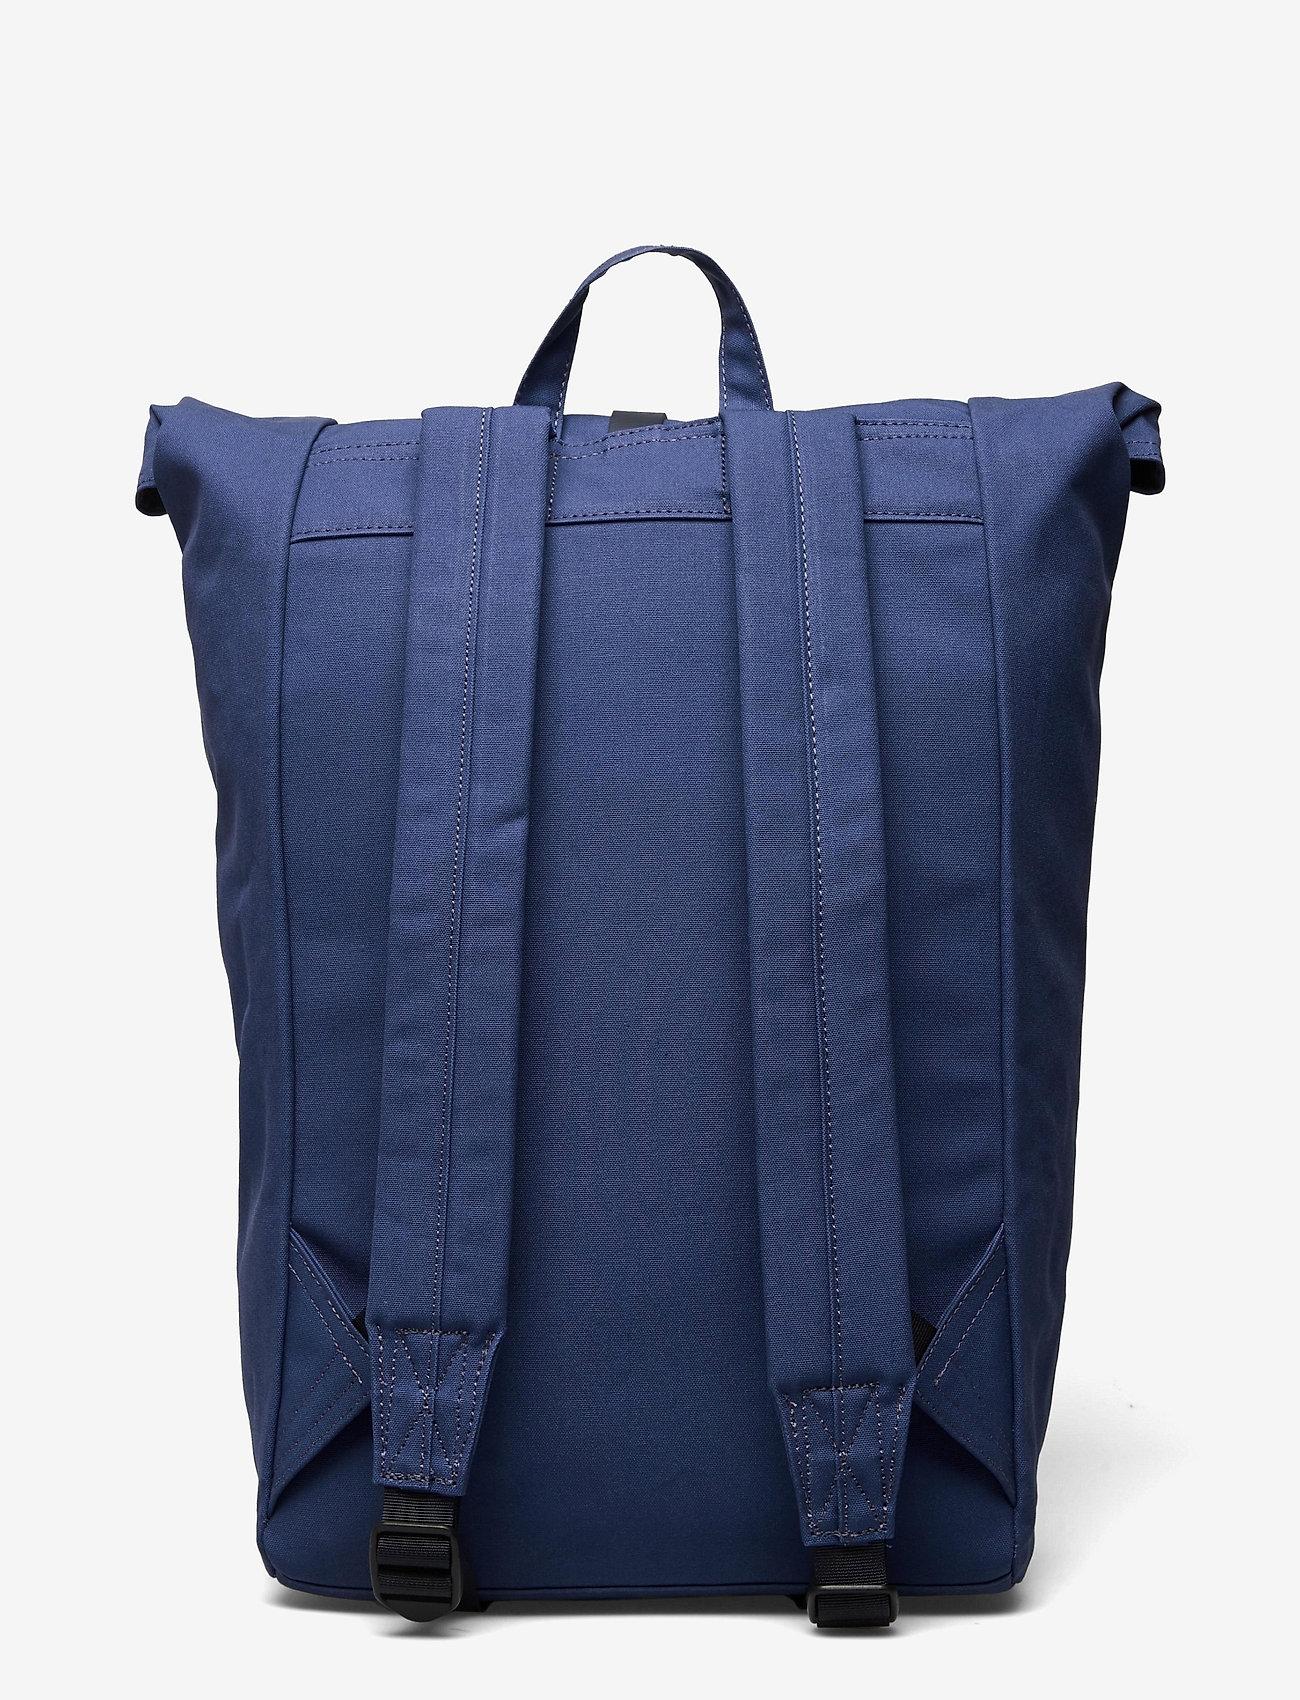 SANDQVIST - DANTE - sacs a dos - blue with blue leather - 1